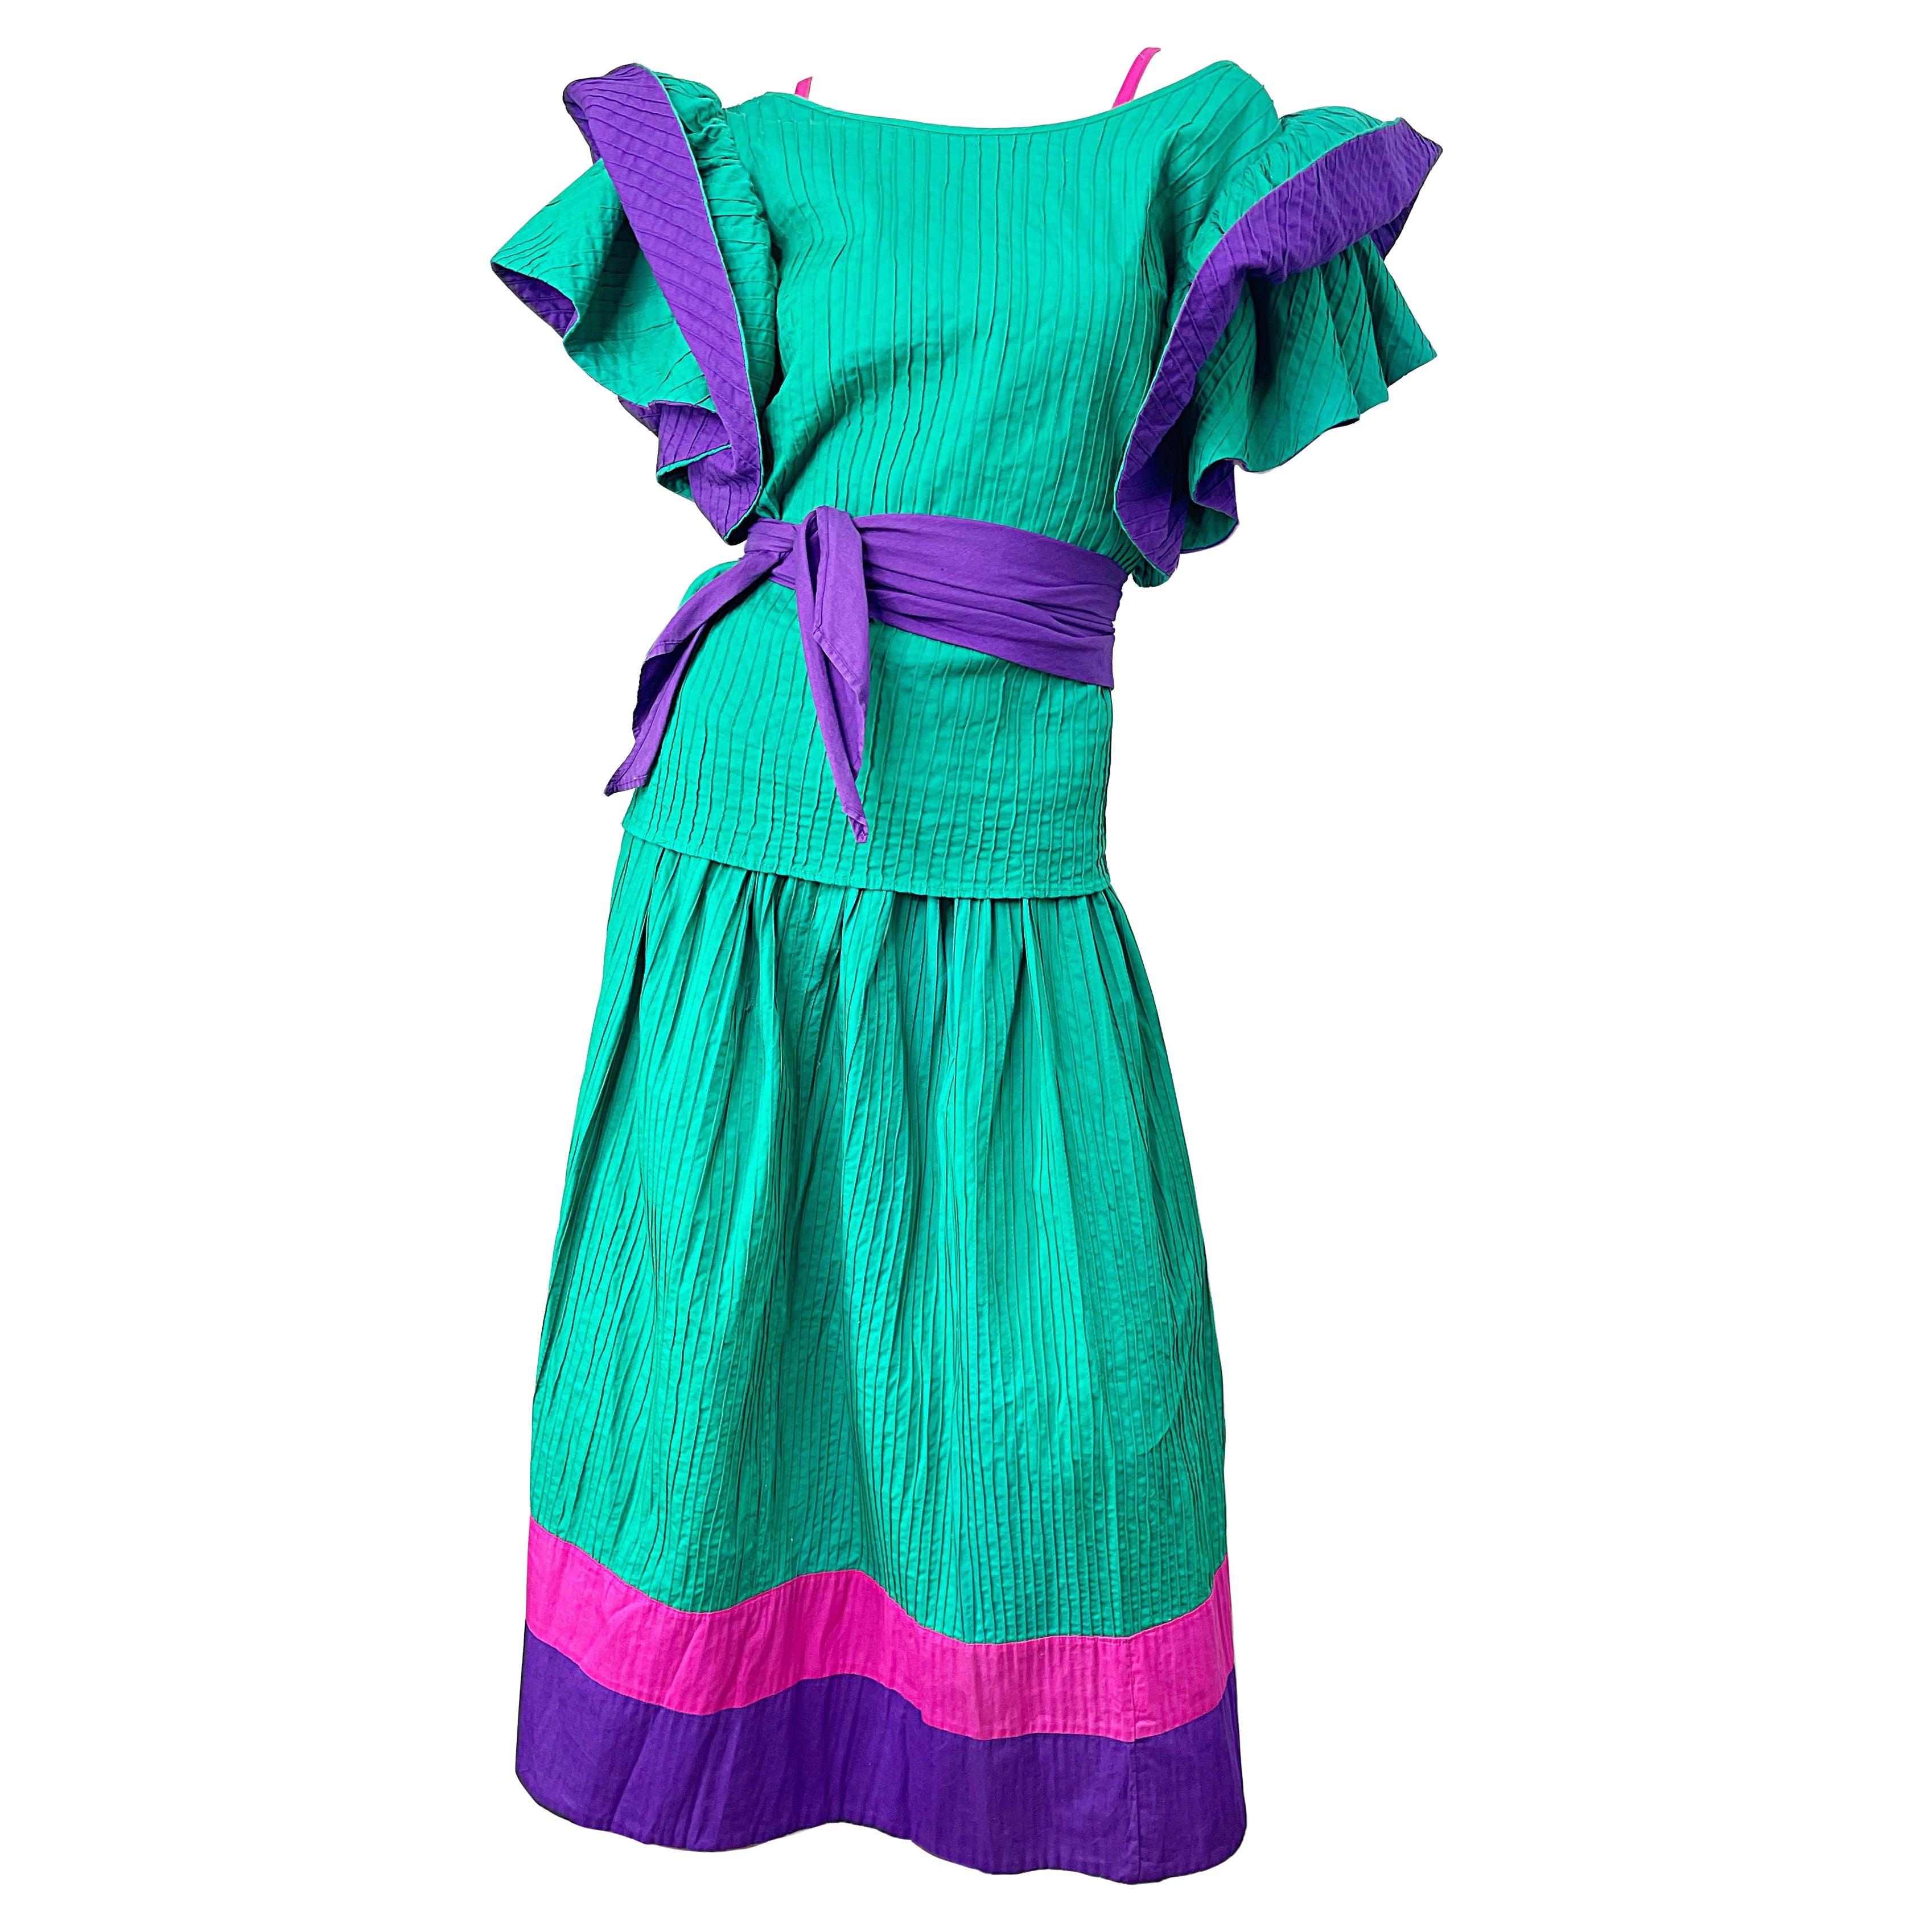 1970s Tachi Castillo 4 Piece Green Purple Pink Cotton Vintage 70s Dress Ensemble